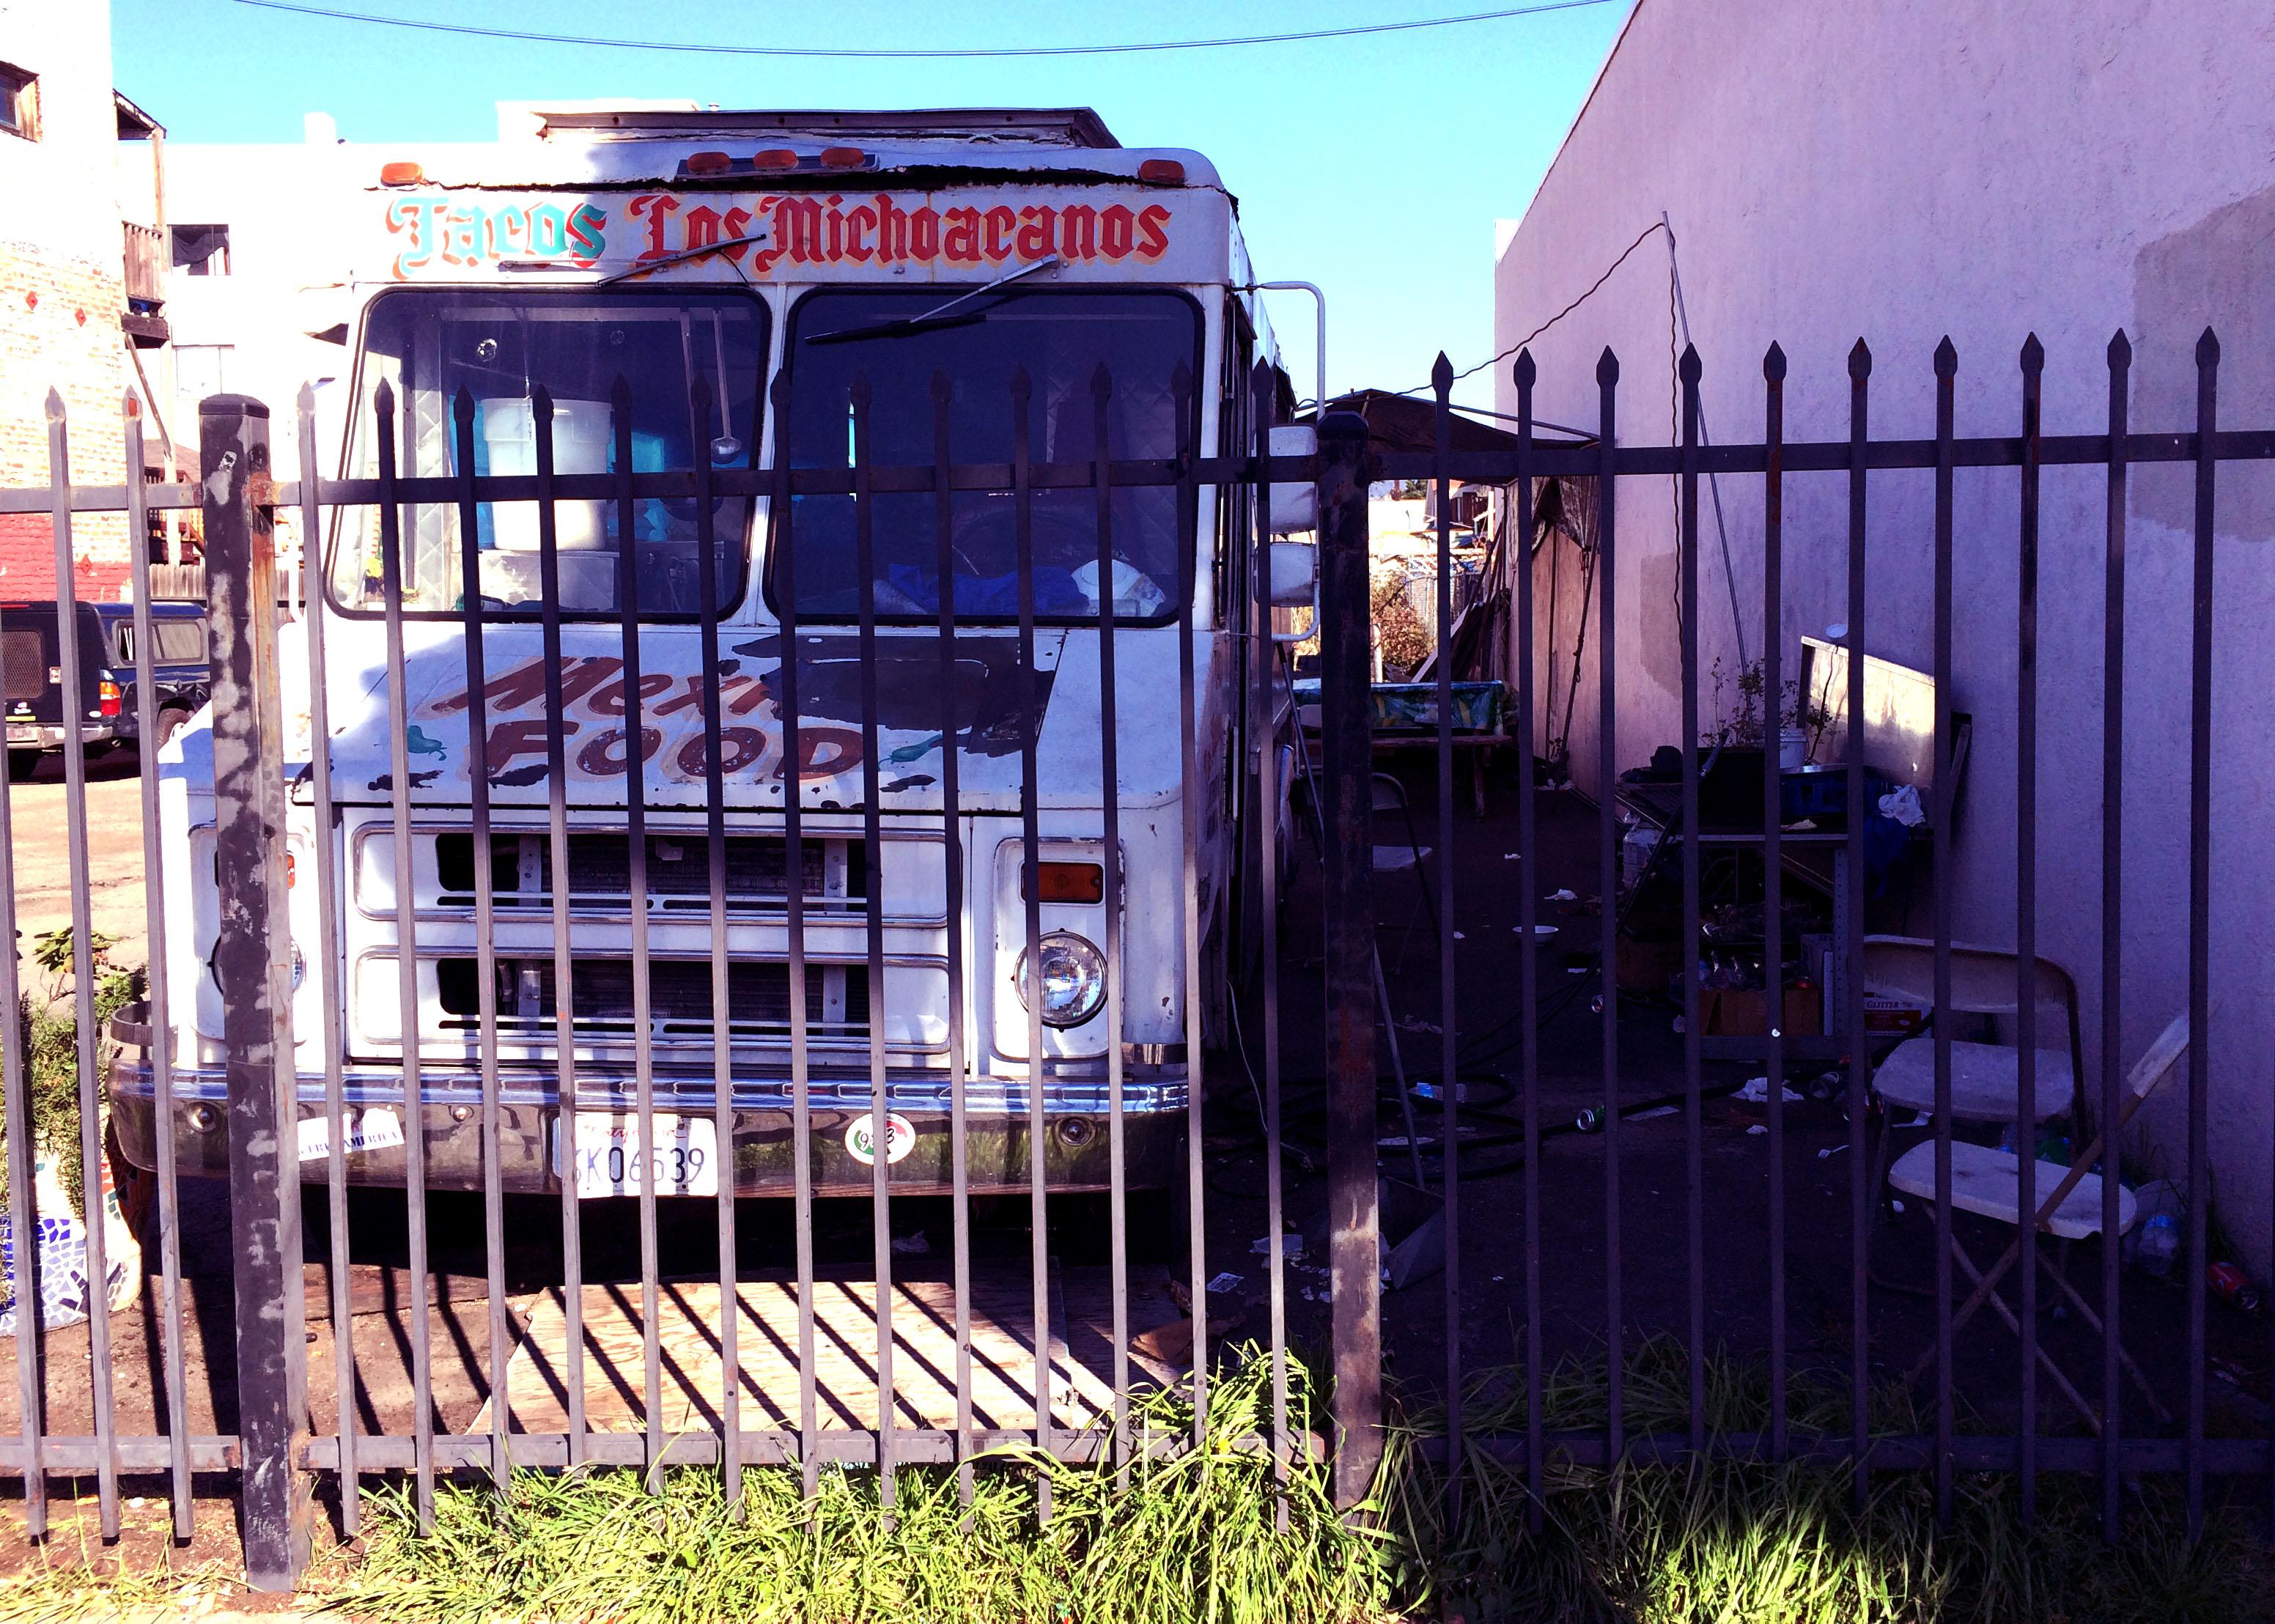 Los Michoacanos, Oakland, CA